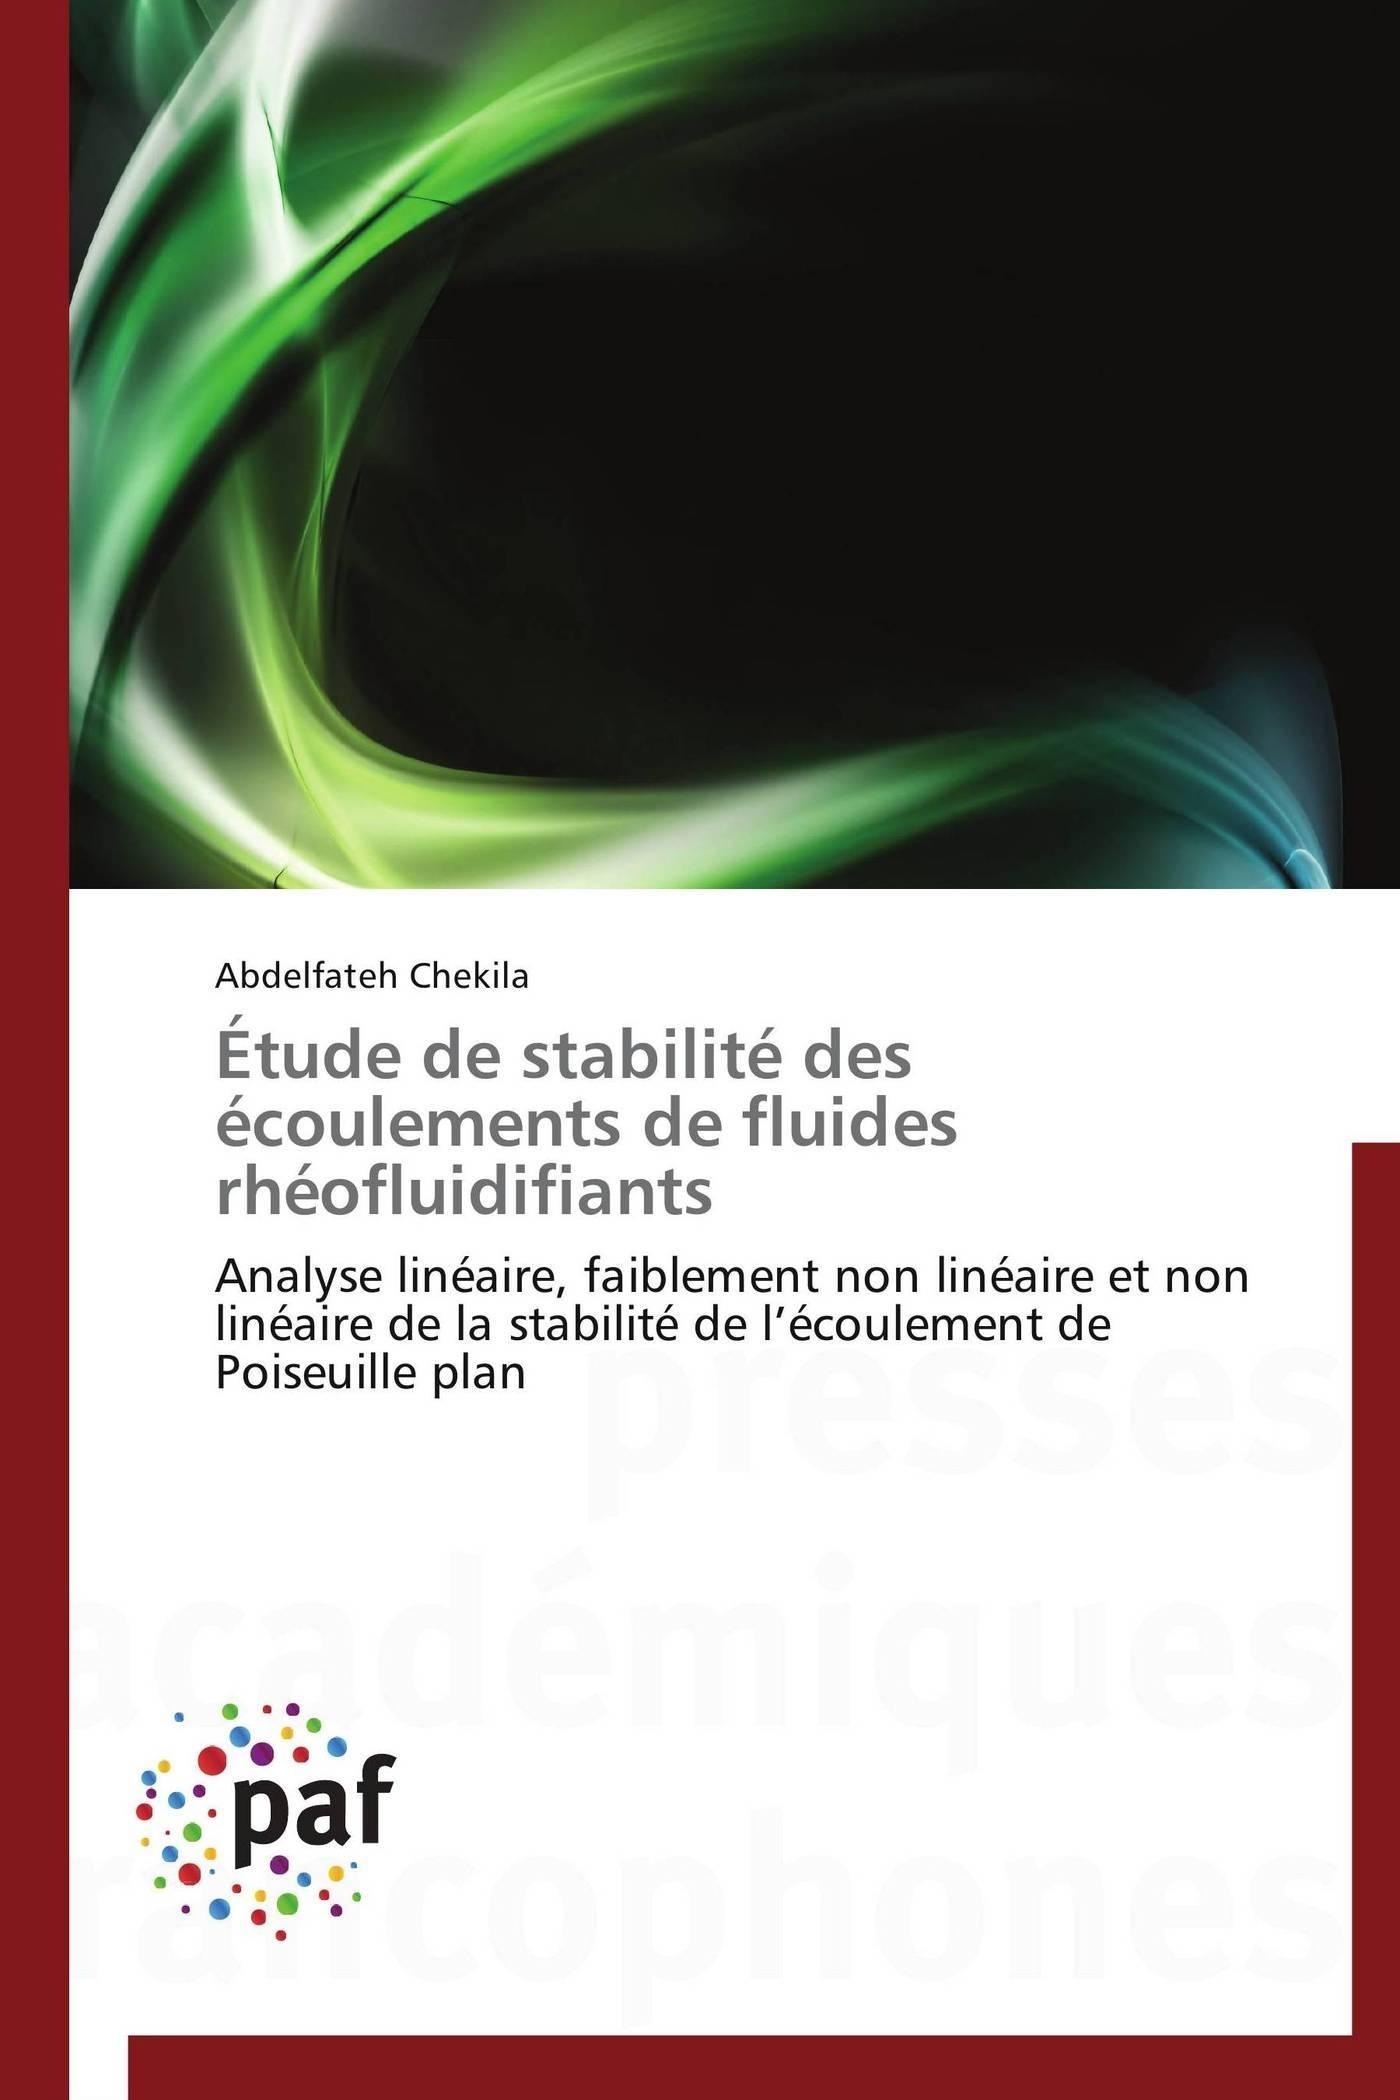 ETUDE DE STABILITE DES ECOULEMENTS DE FLUIDES RHEOFLUIDIFIANTS